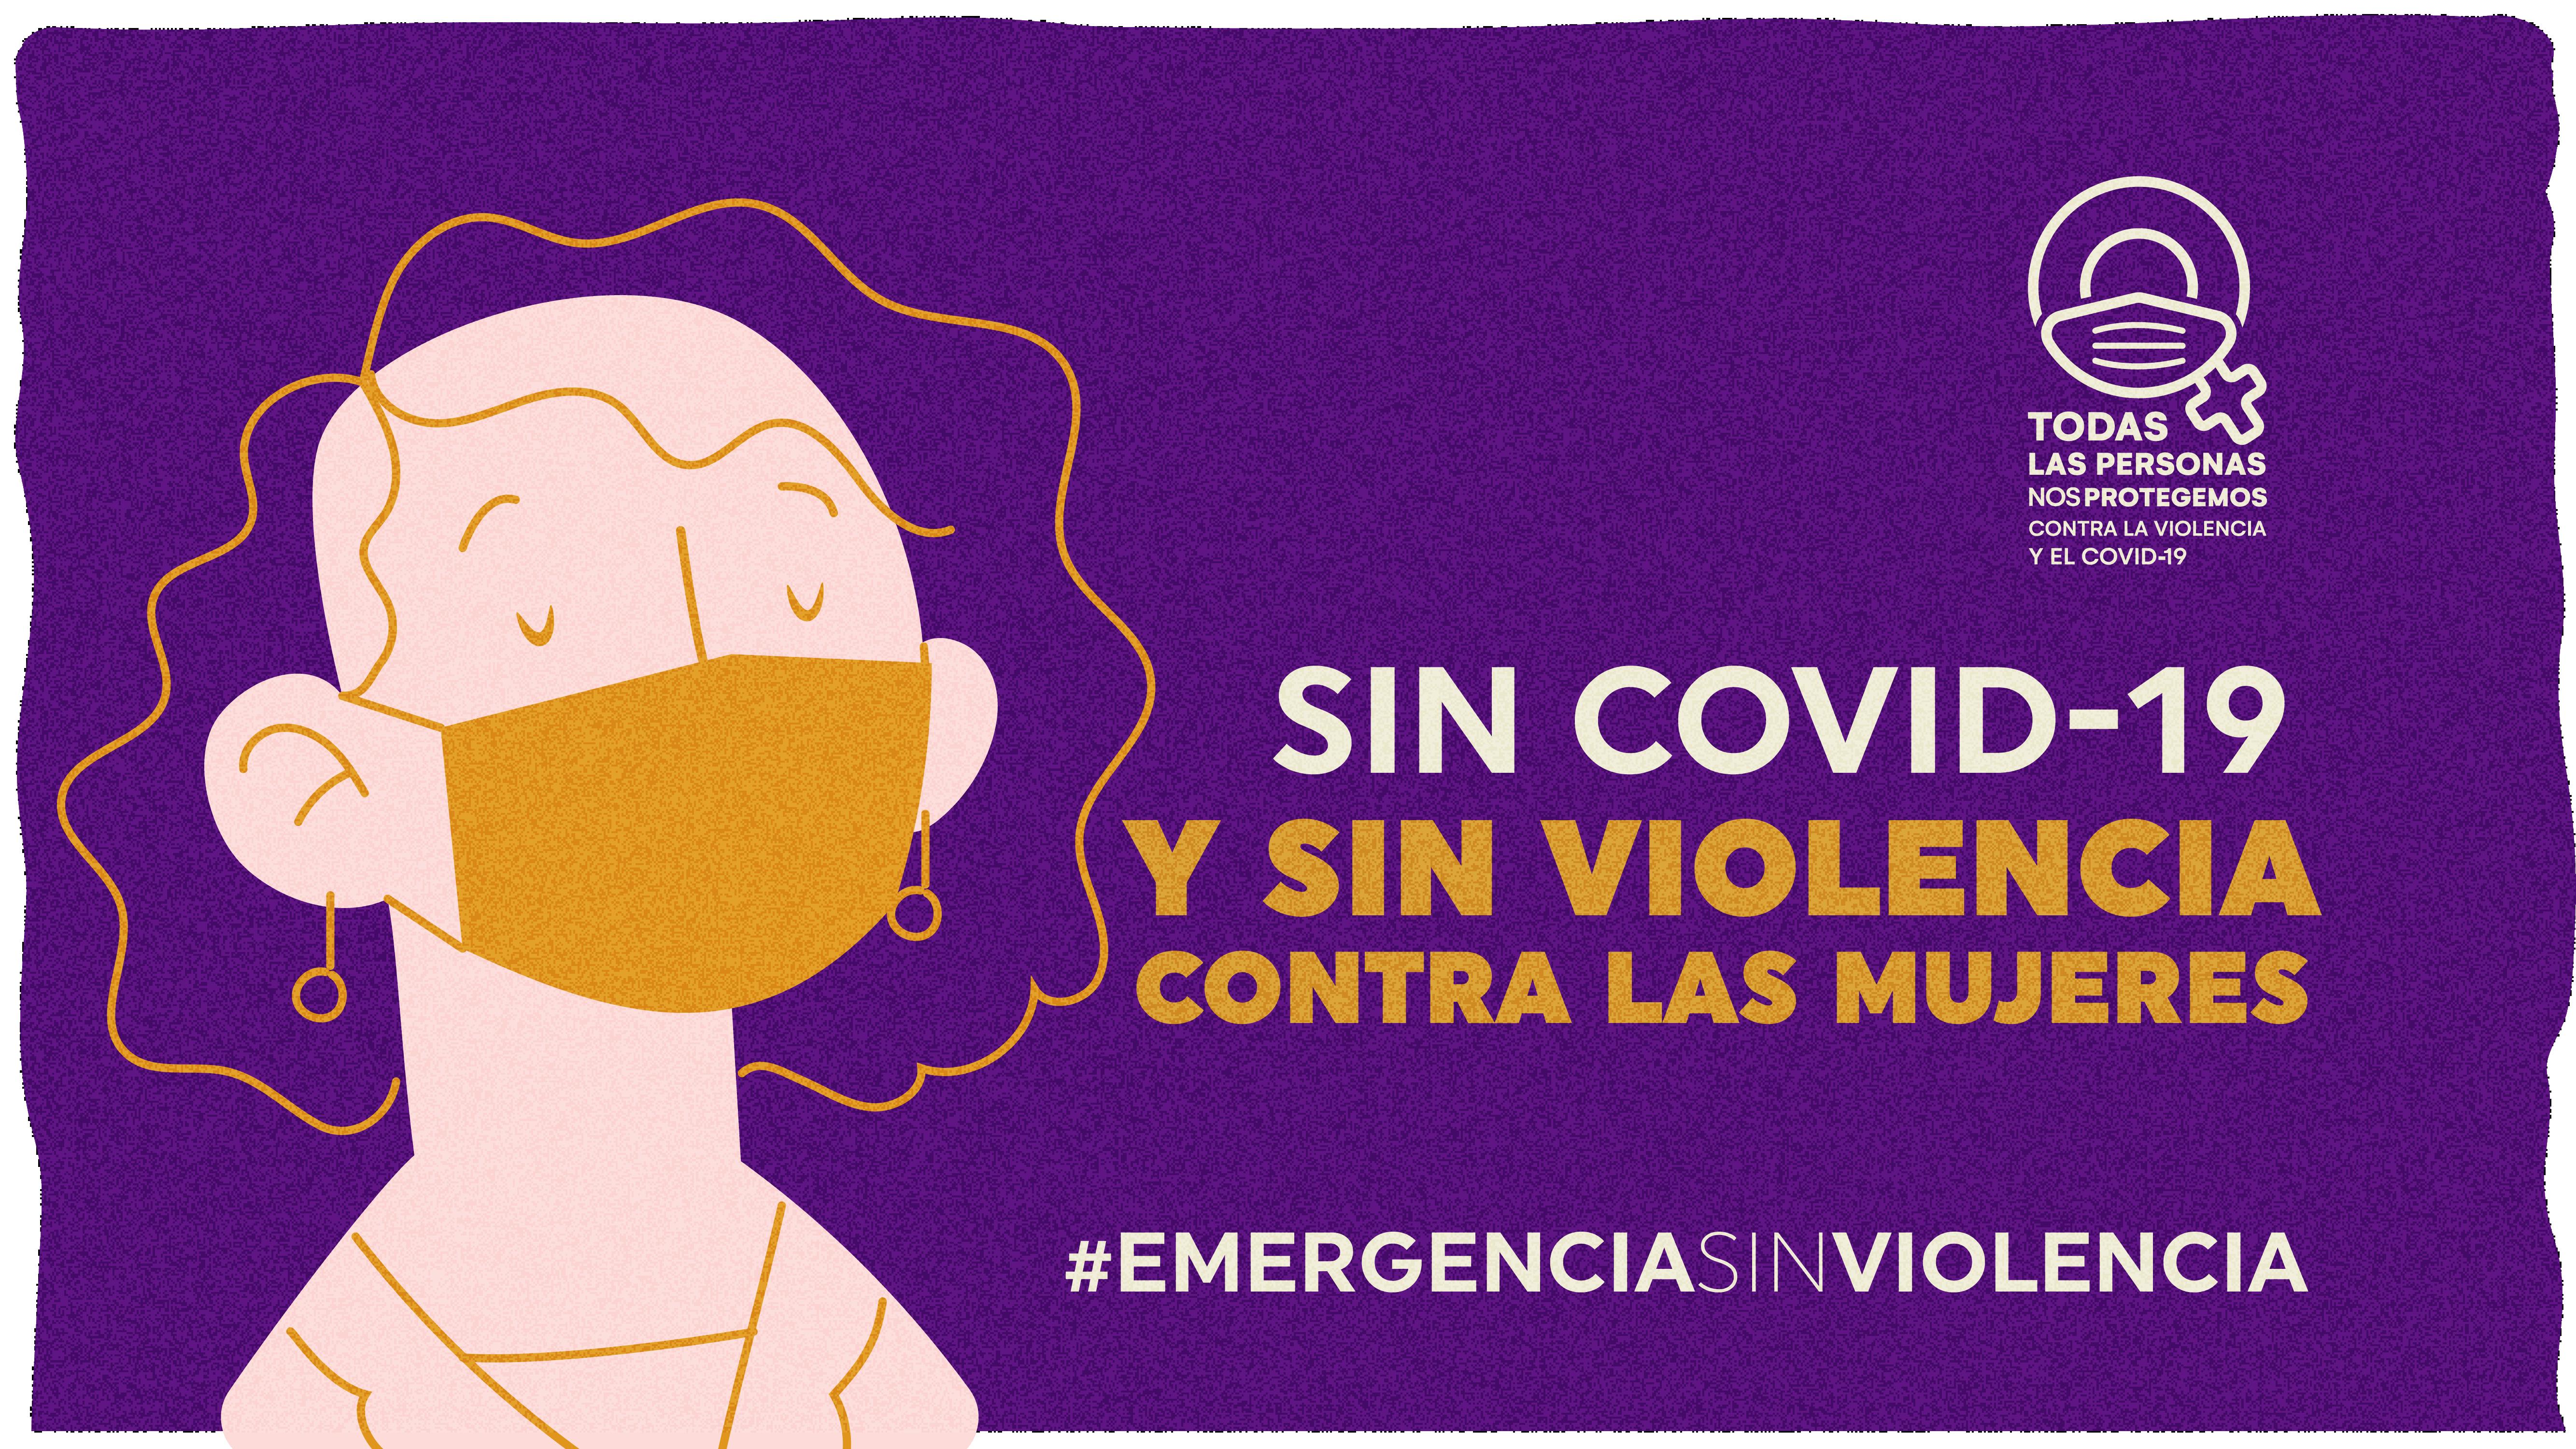 Todas las personas nos protegemos contra la violencia y el COVID-19